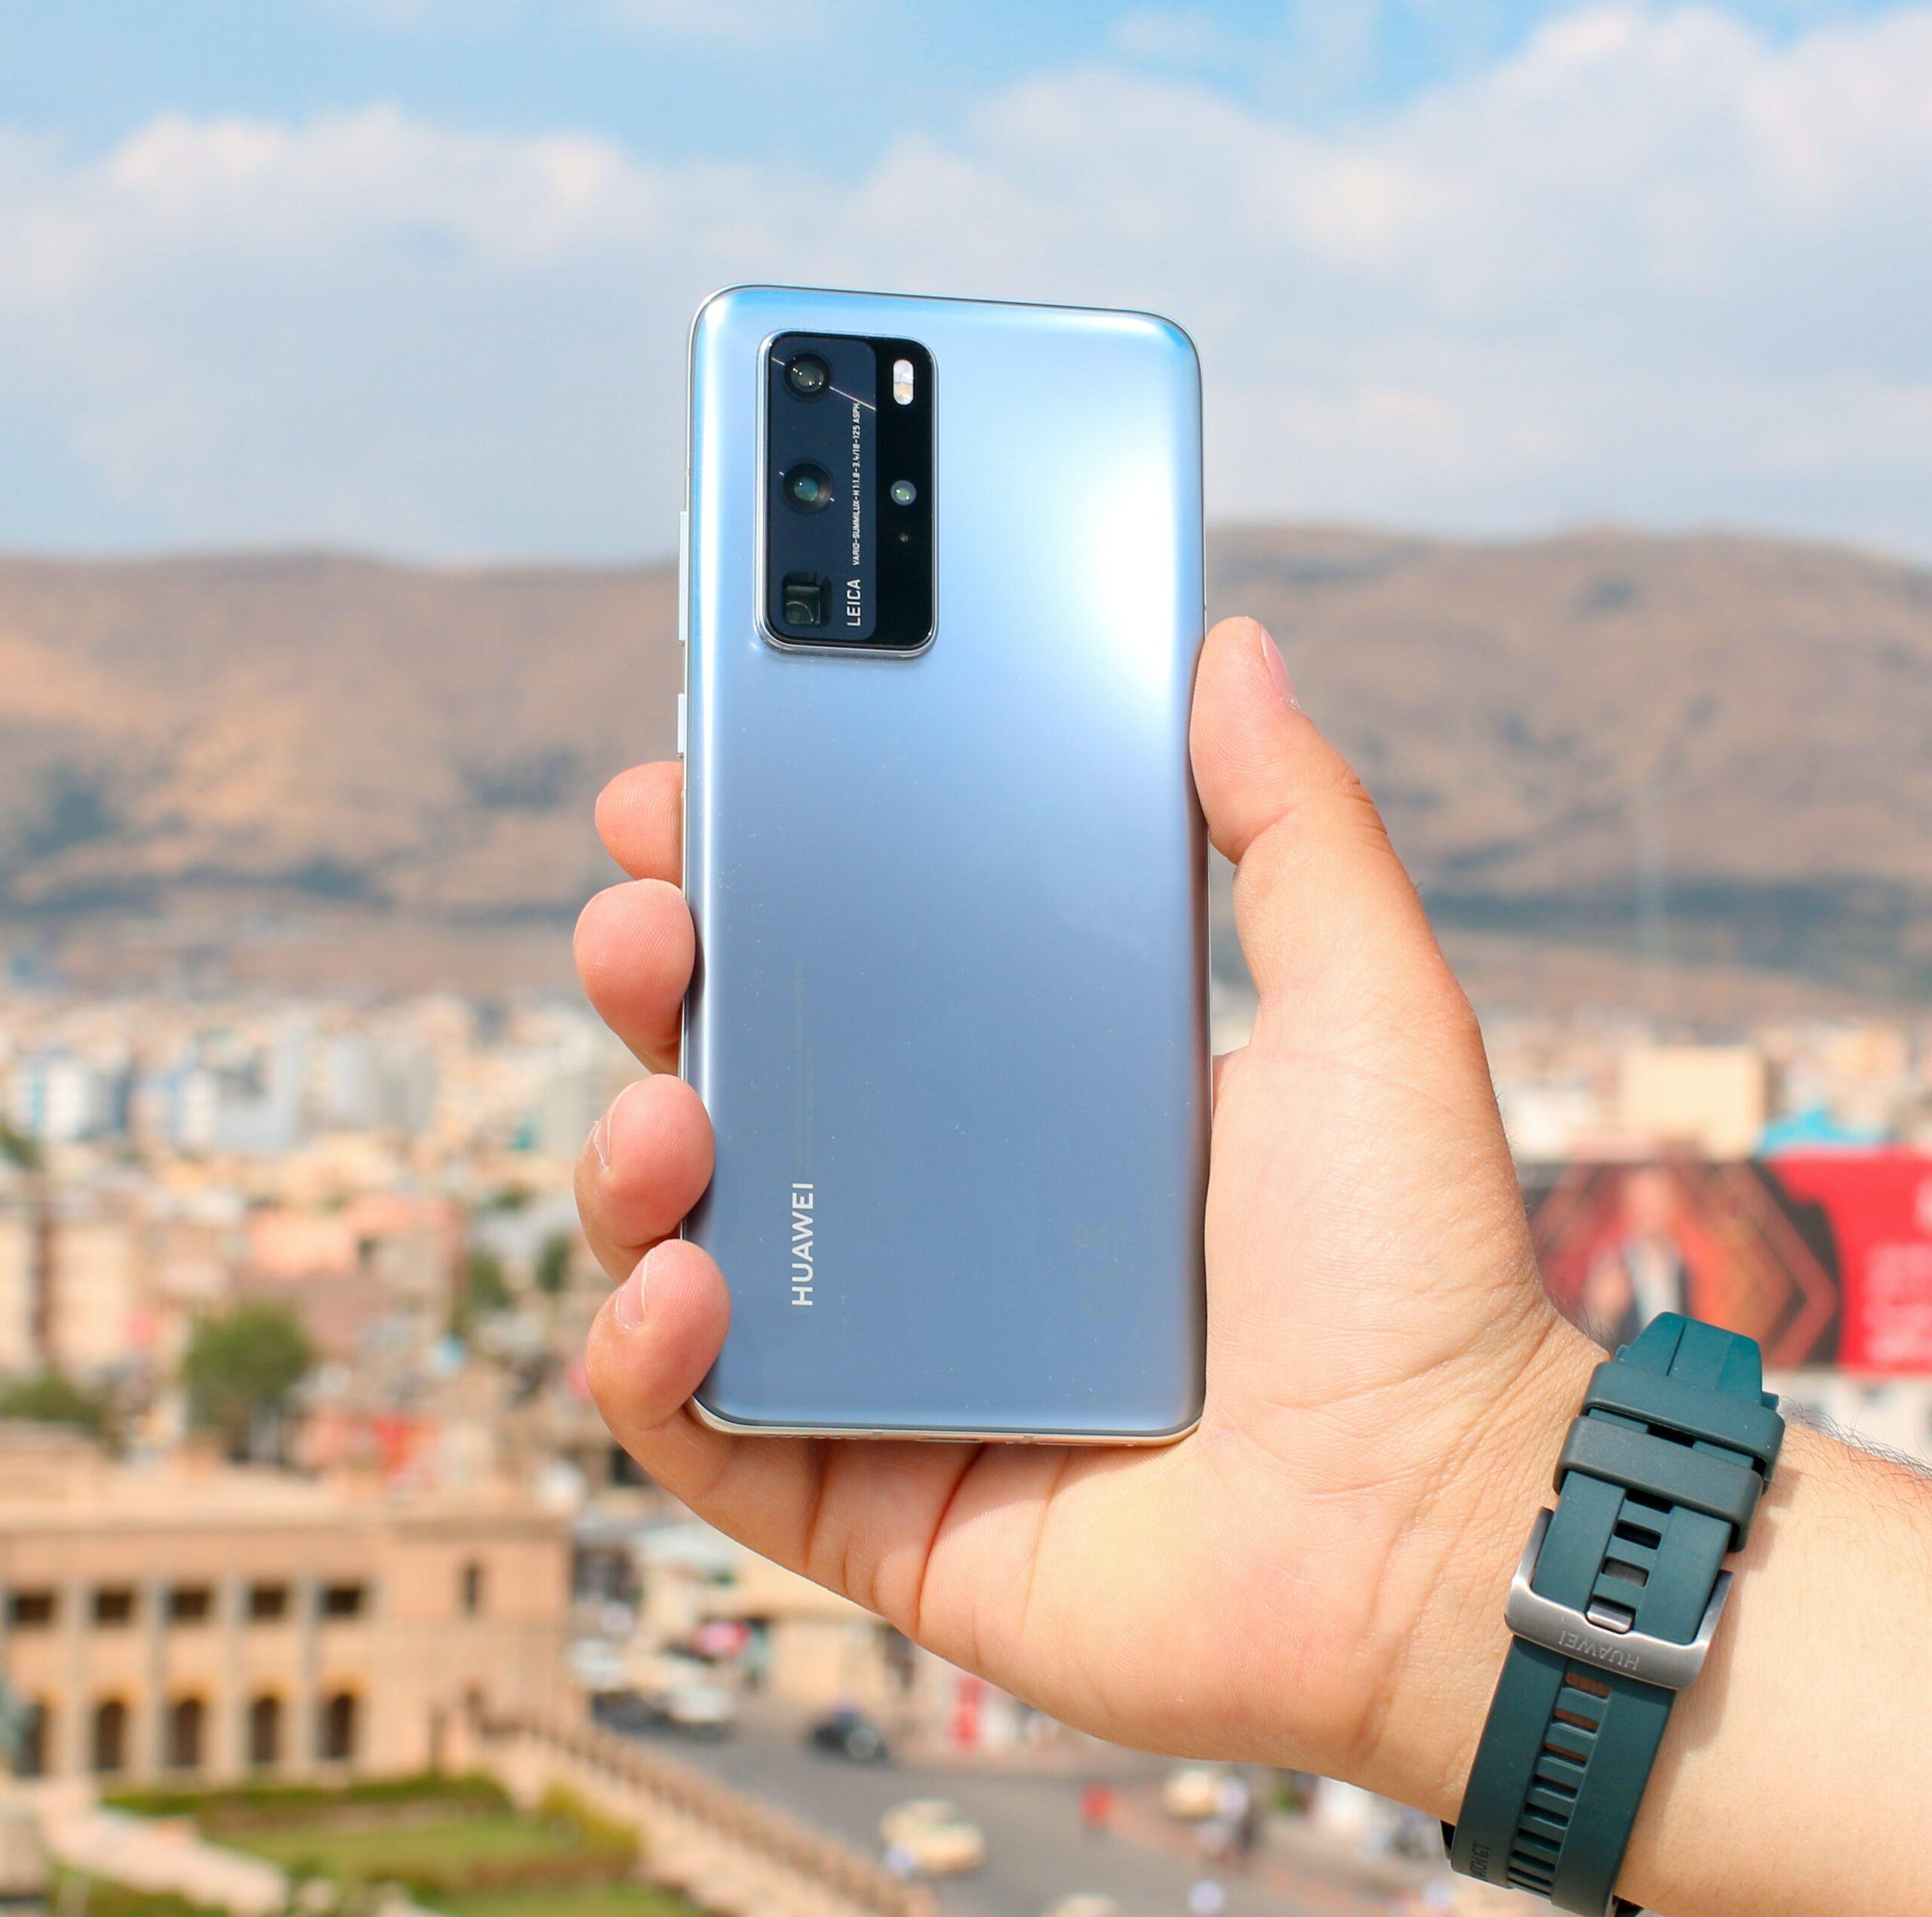 Правительство США ужесточает запрет на Huawei, потенциально блокируя будущие обновления для некоторых телефонов